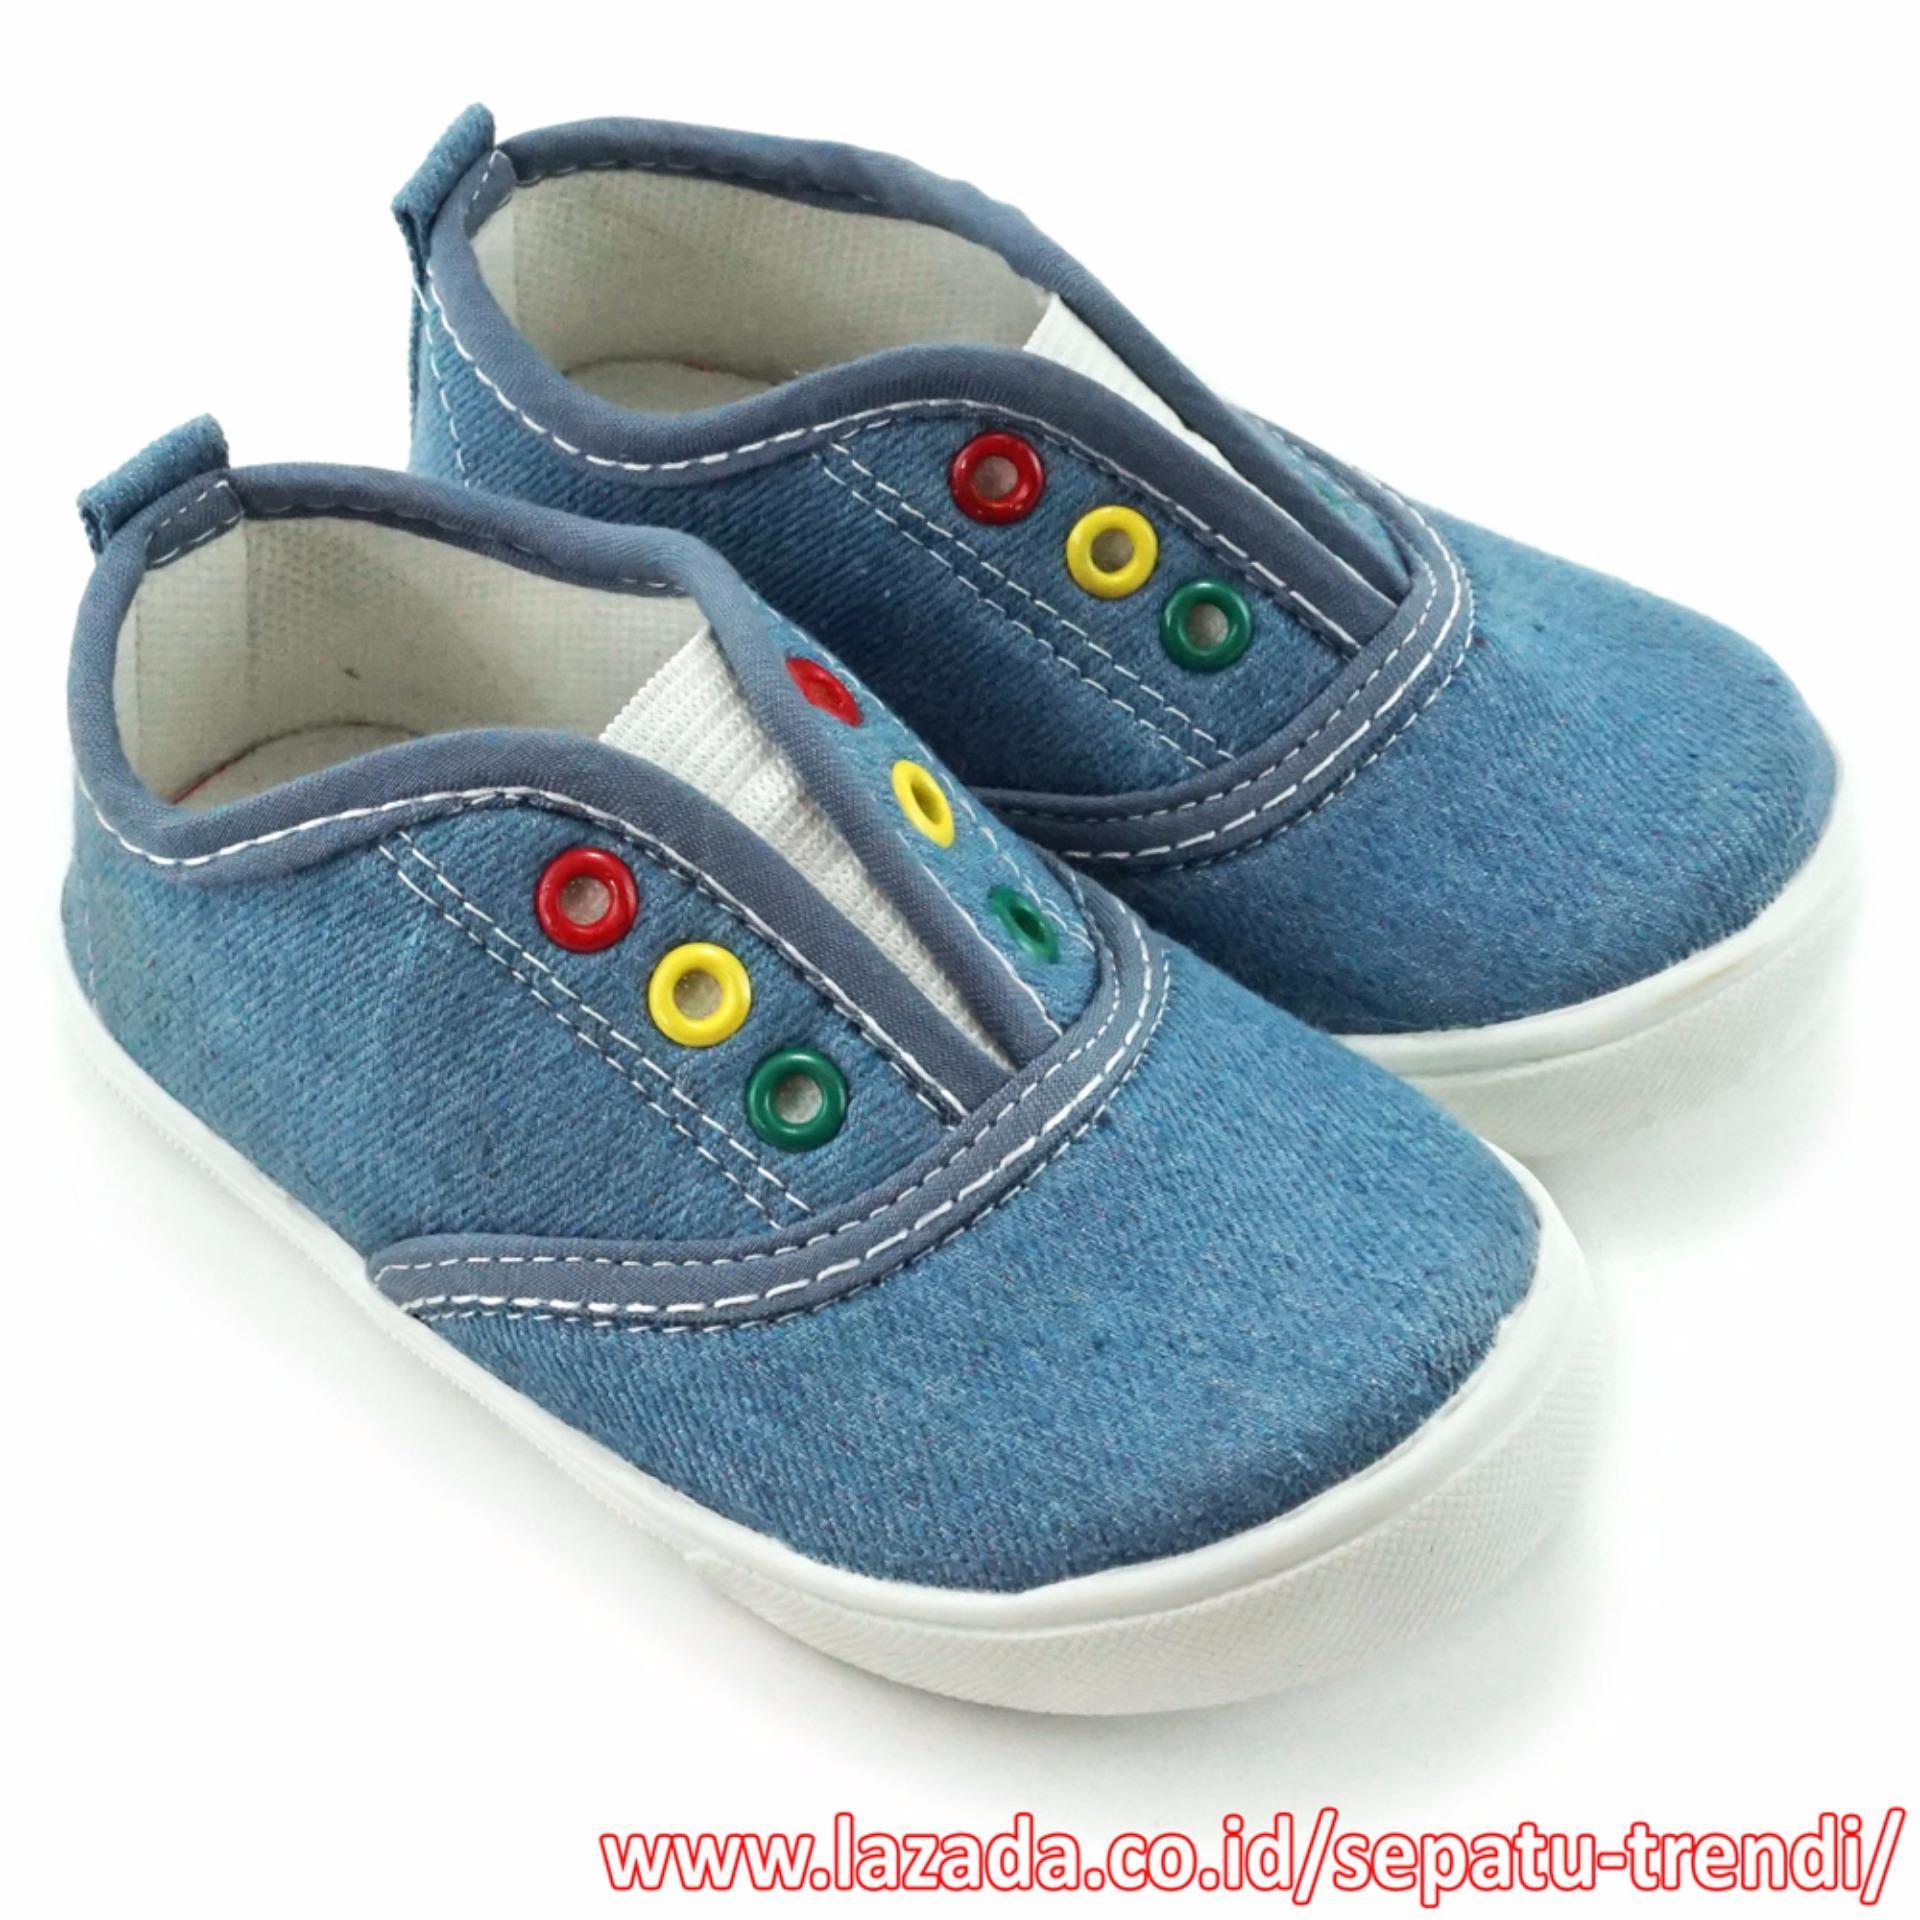 Abu Panas Balita Bayi Baru Lahir Satu Satunya Sepatu Lembut Dan Laki Baby Shoes Prewalker Tamagoo Alex Series  3 6 Bulan Muda Slip Pada Source